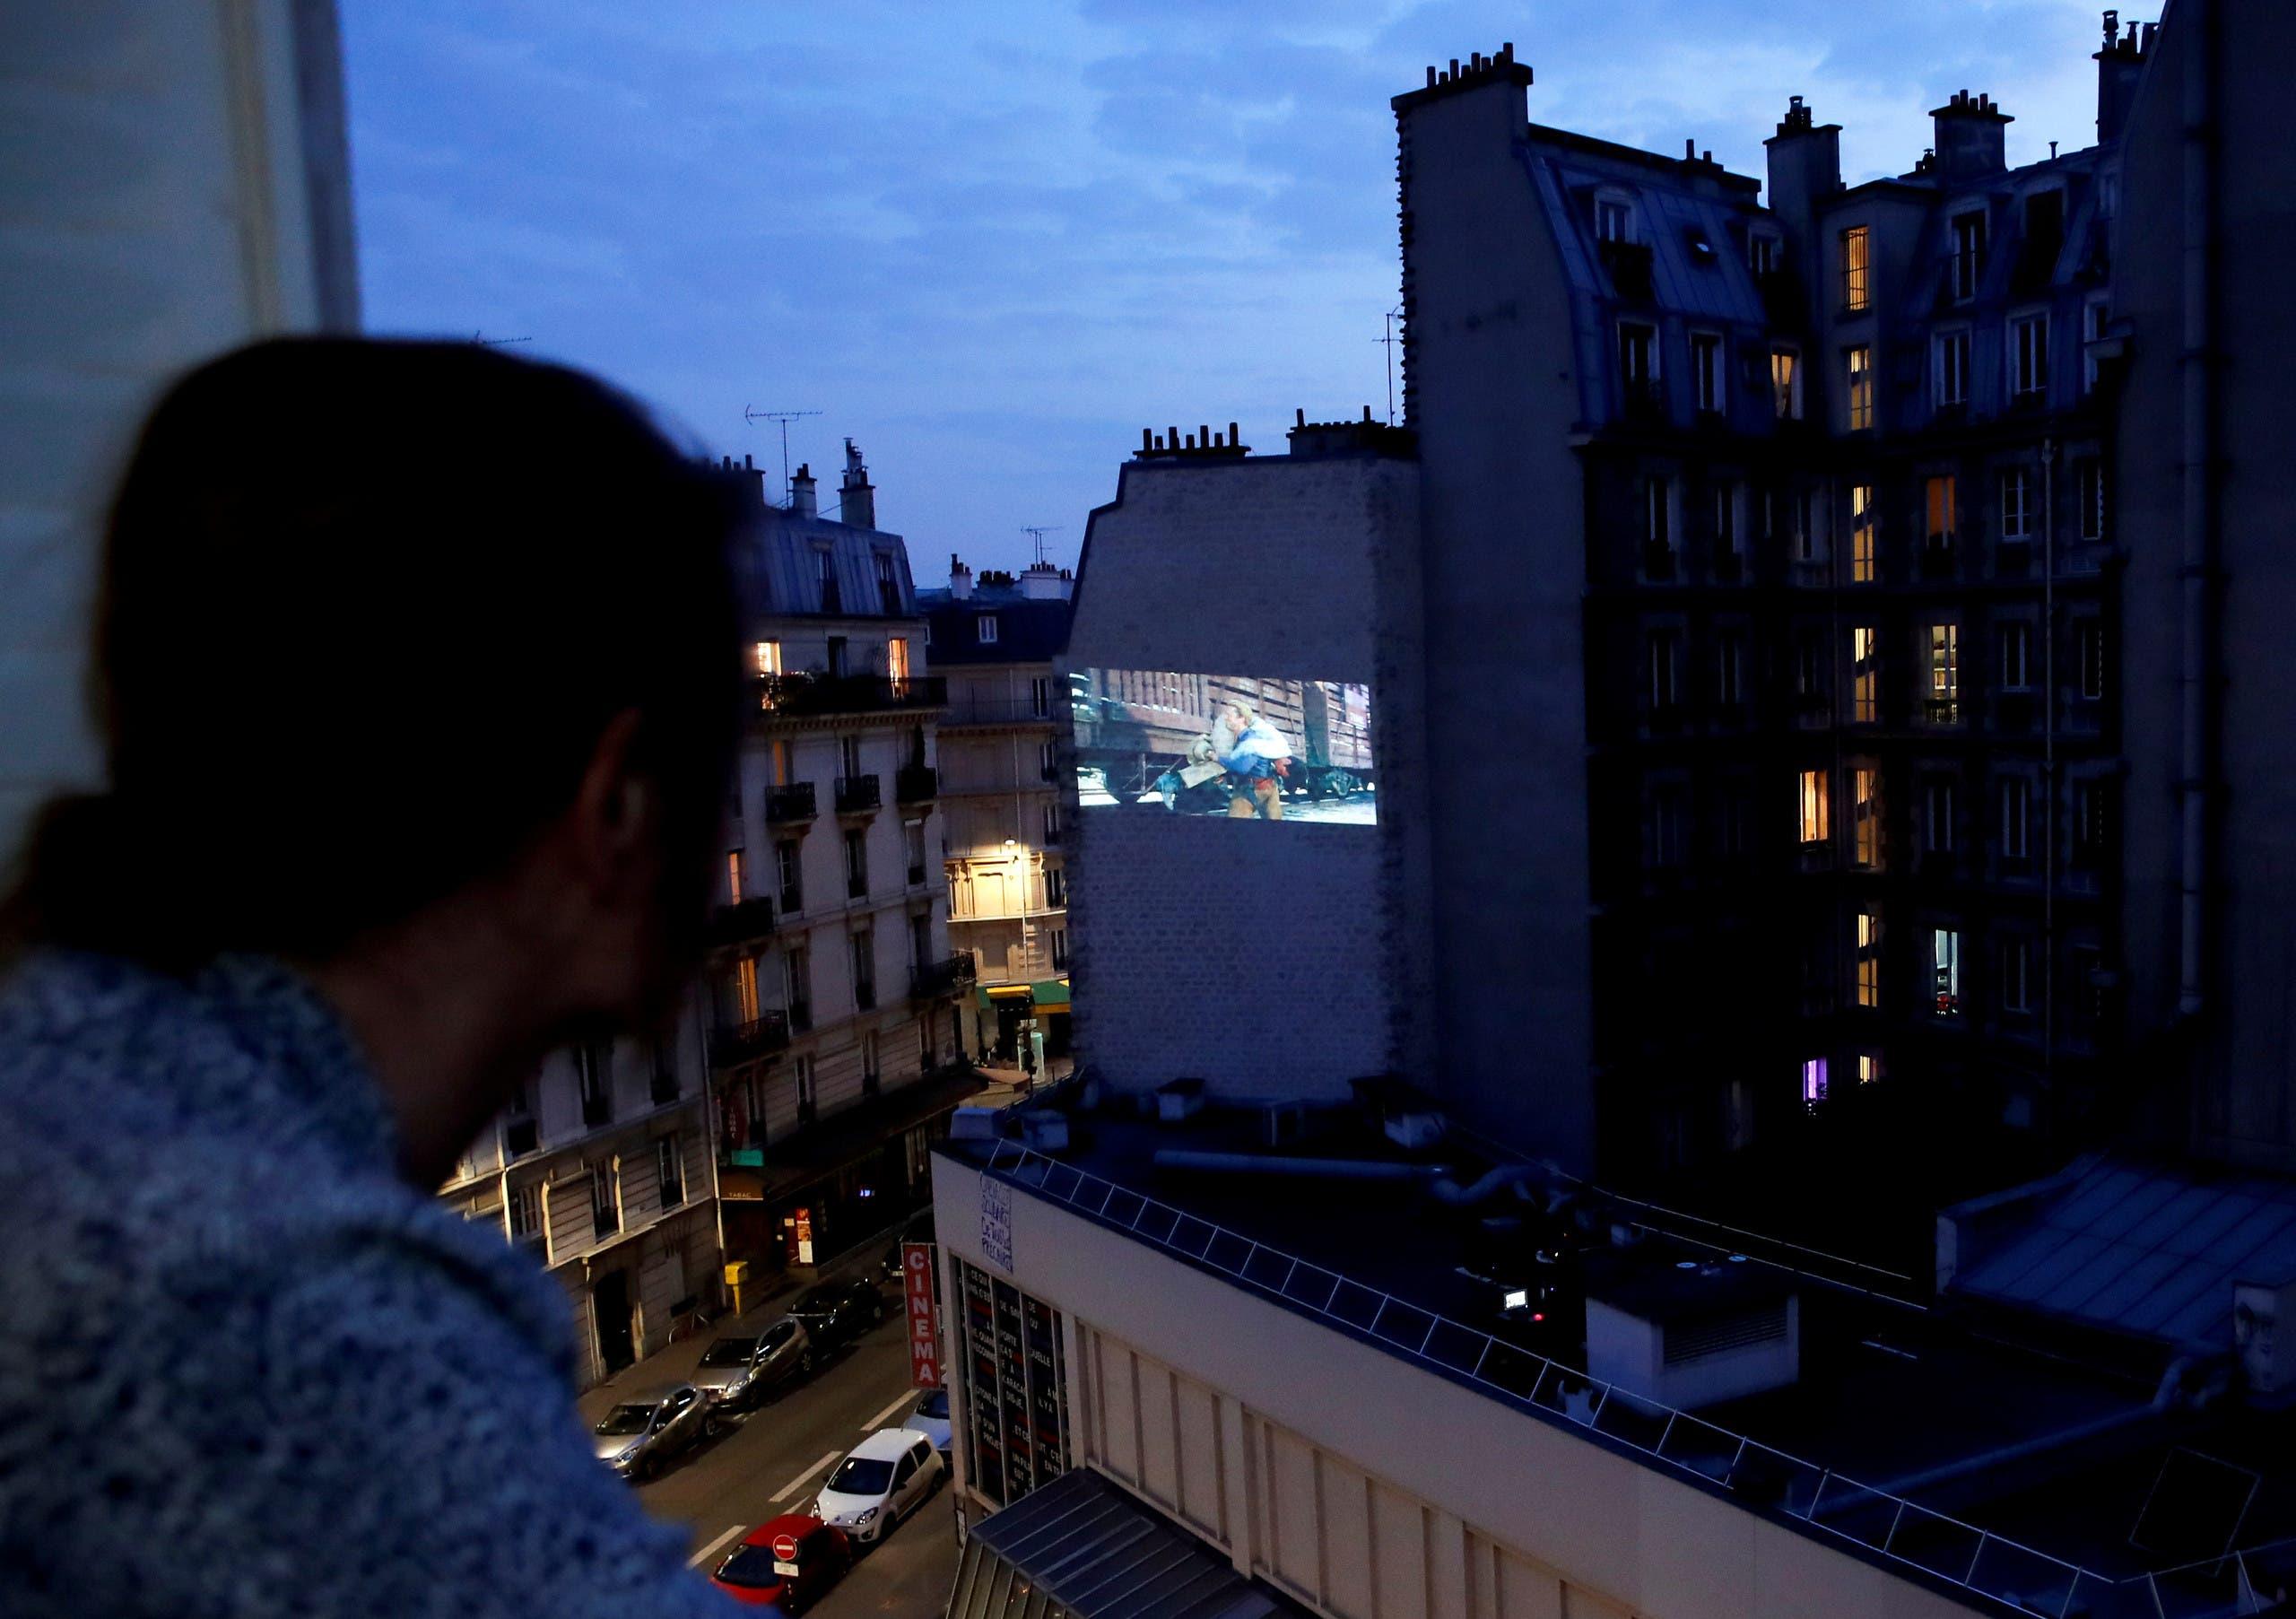 أحد السكان يشاهد الفيلم من شرفته